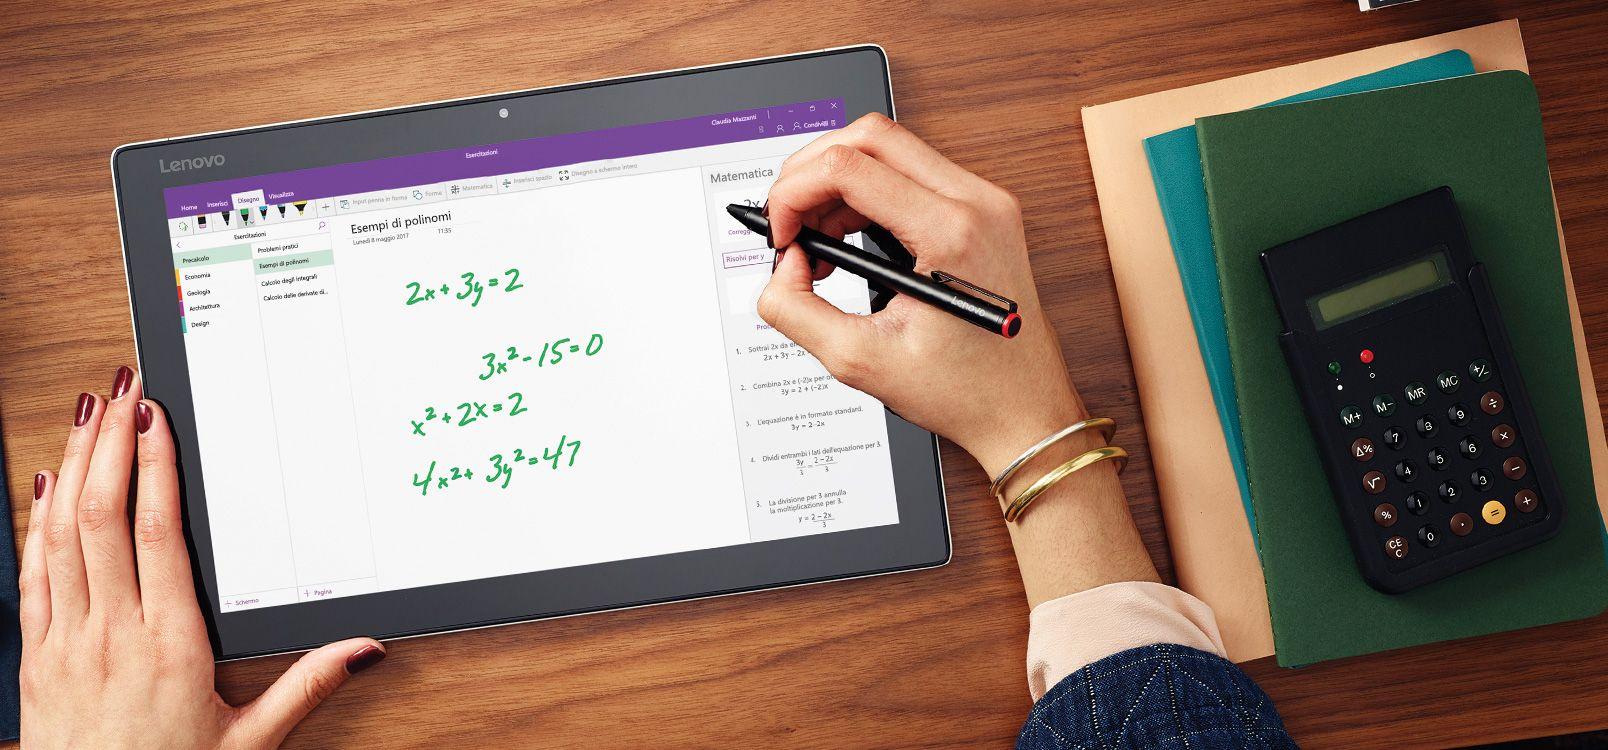 Schermo di tablet che visualizza OneNote con l'Assistente equazioni matematiche da input penna in uso